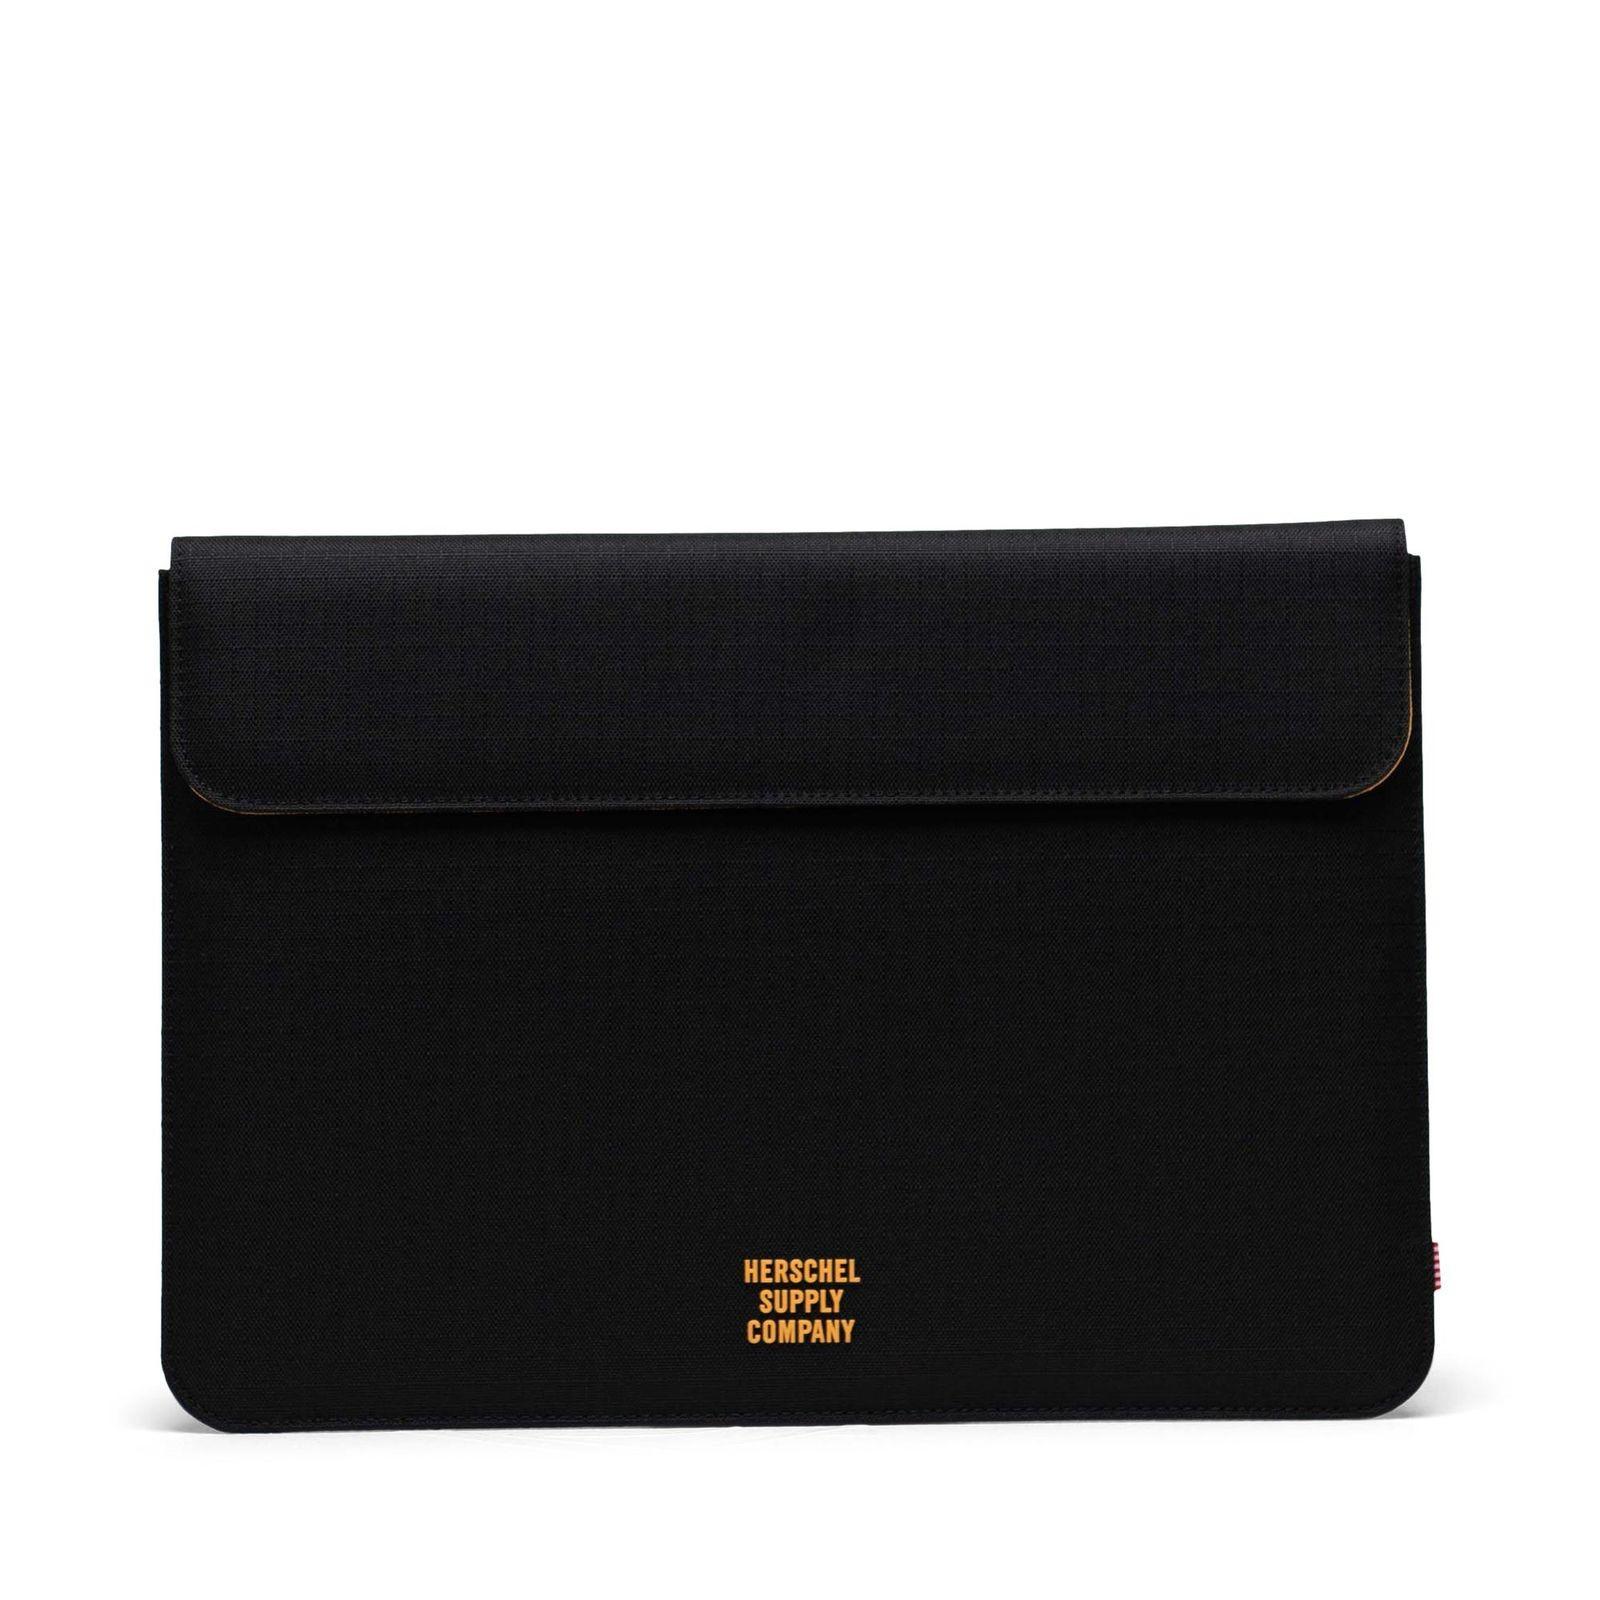 Herschel Spokane Sleeve for 13 inch MacBook Black Ripstop/Blazing Orange